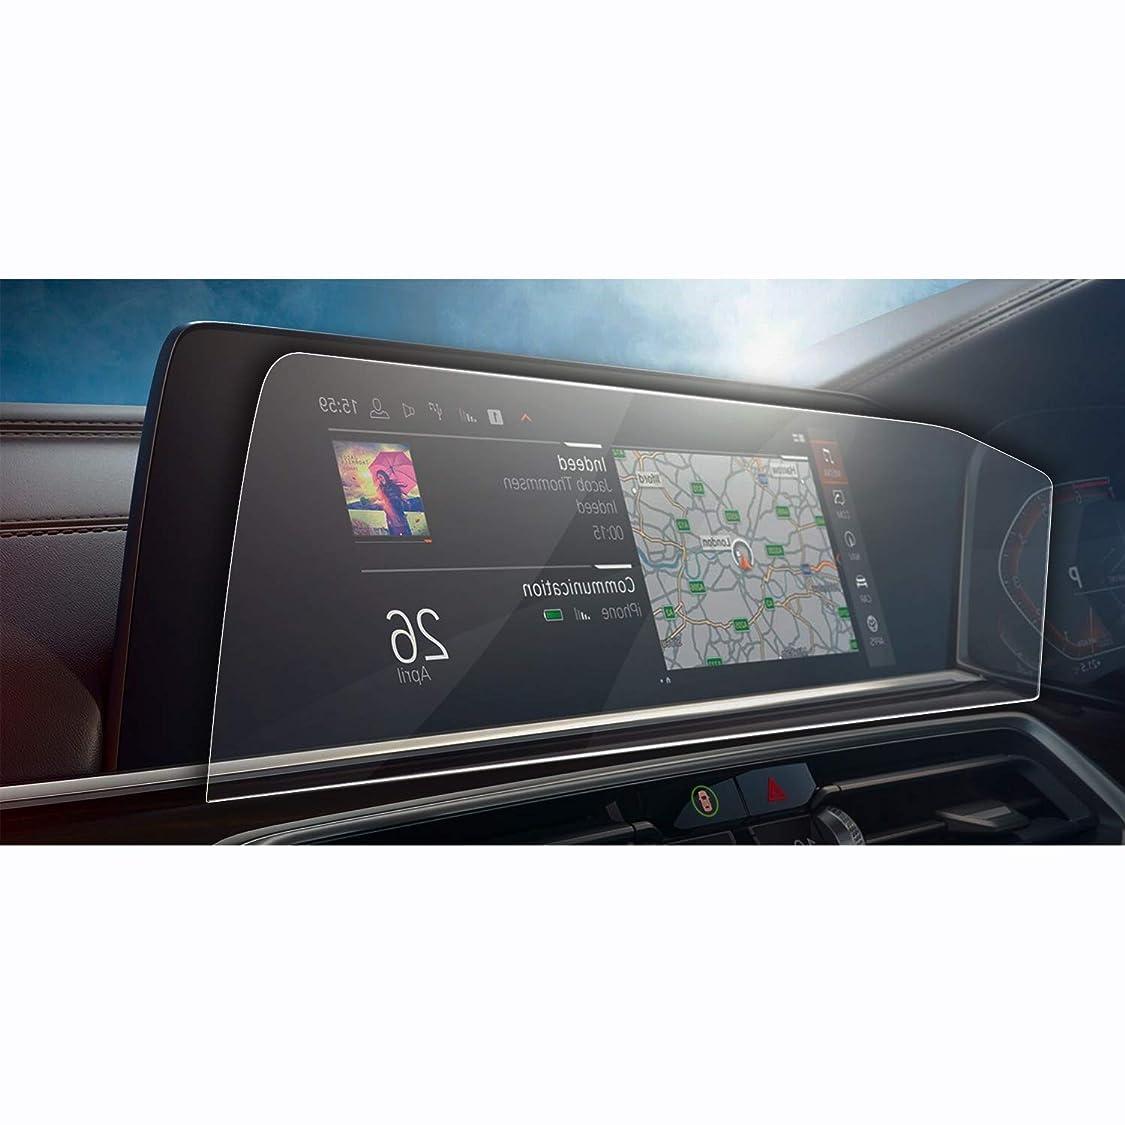 不承認作り上げるけがをする[LFOTPP] 2019 BMW X5 G05 12.3インチ カーナビ 液晶保護フィルム ガラスフィルム 高感度タッチ 高透明タイプ 気泡ゼロ キズ防止